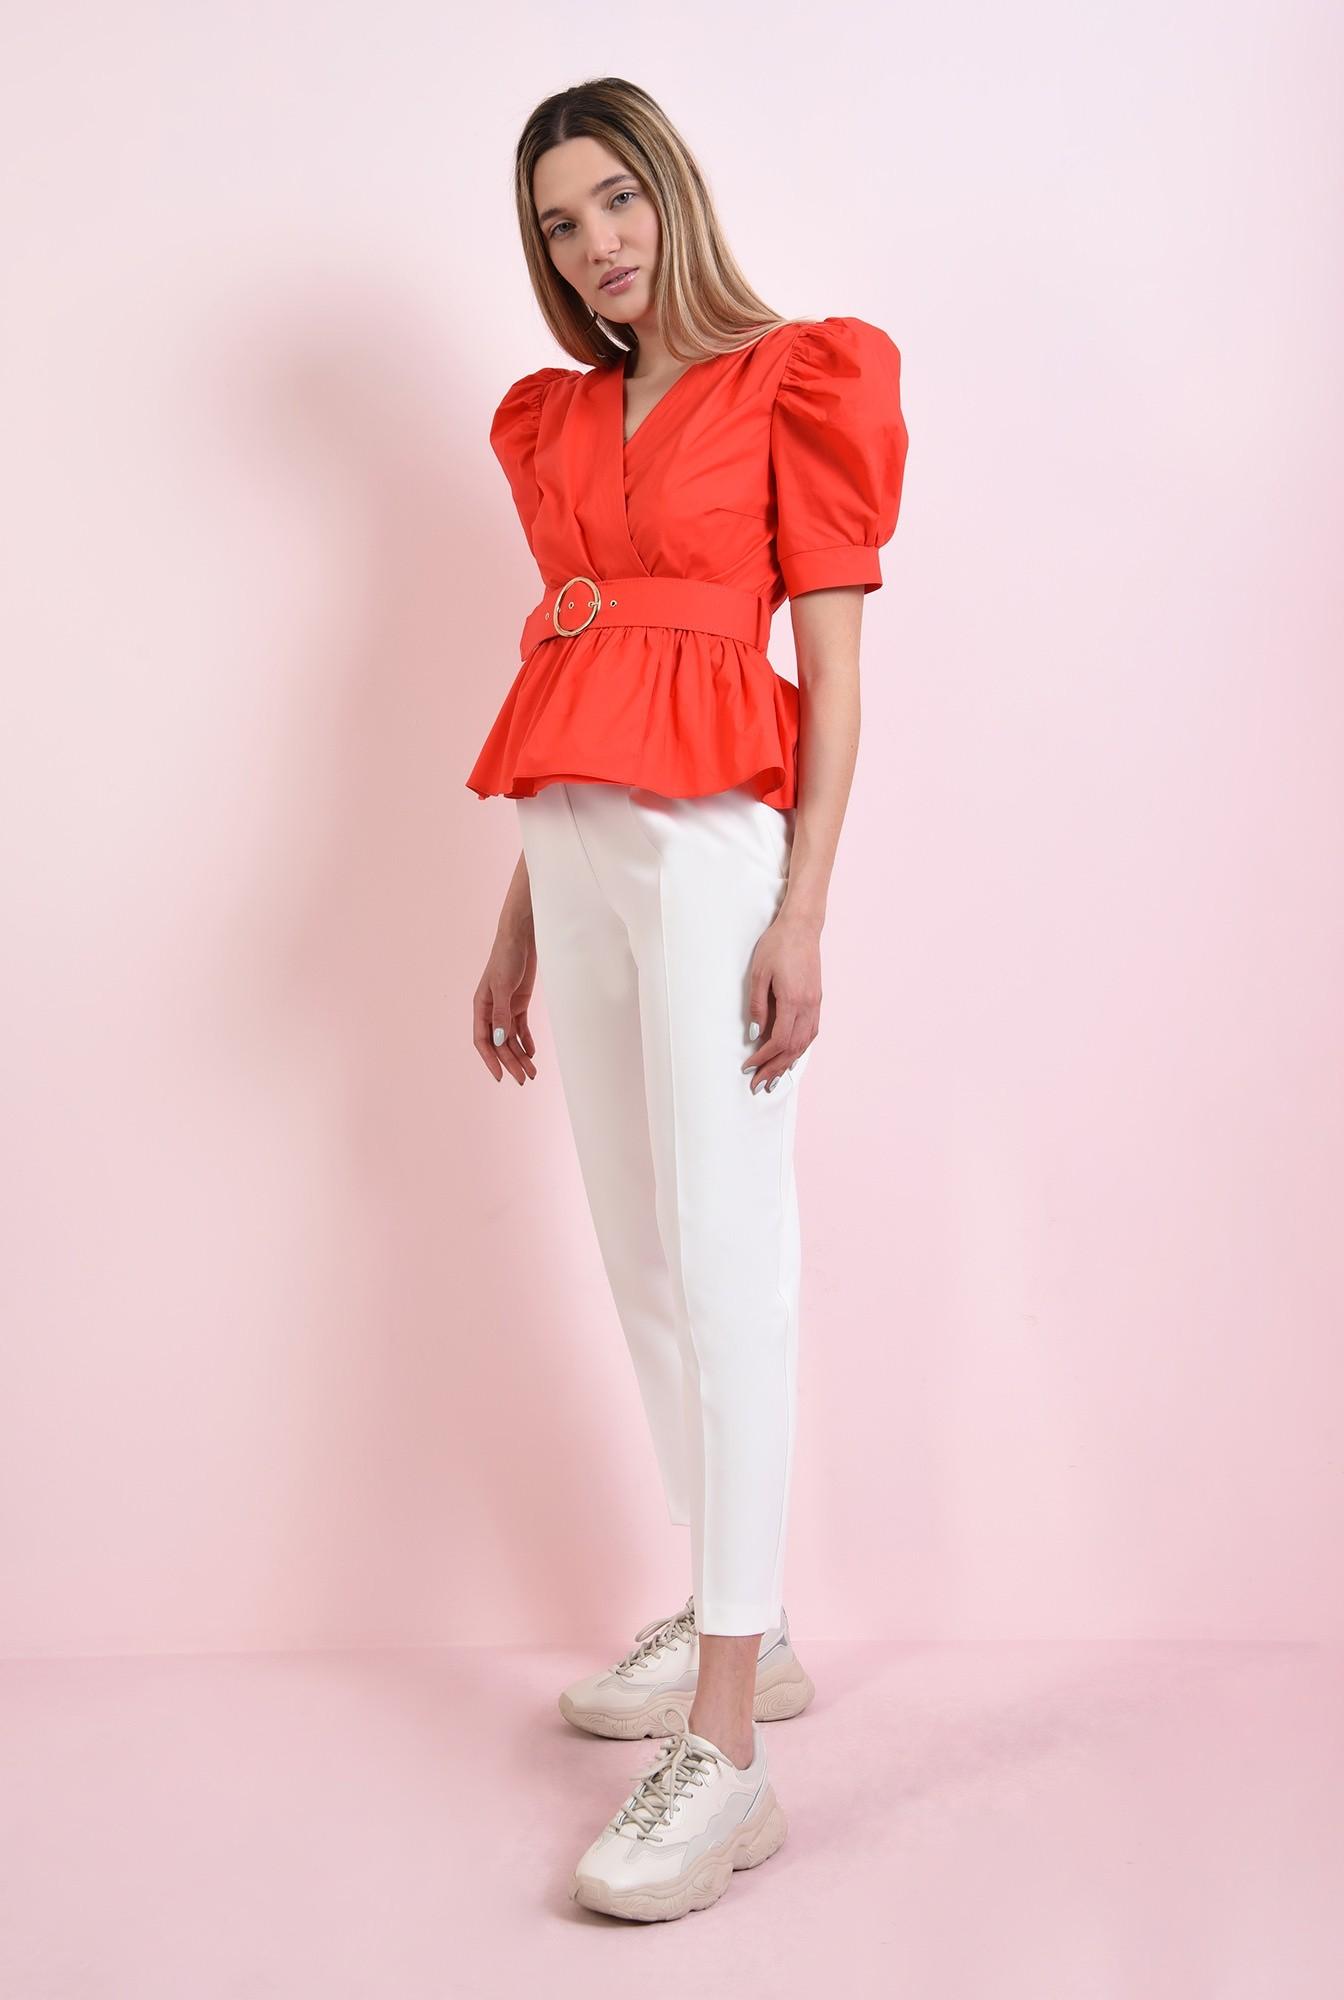 0 - bluza din bumbac, rosie, cu centura